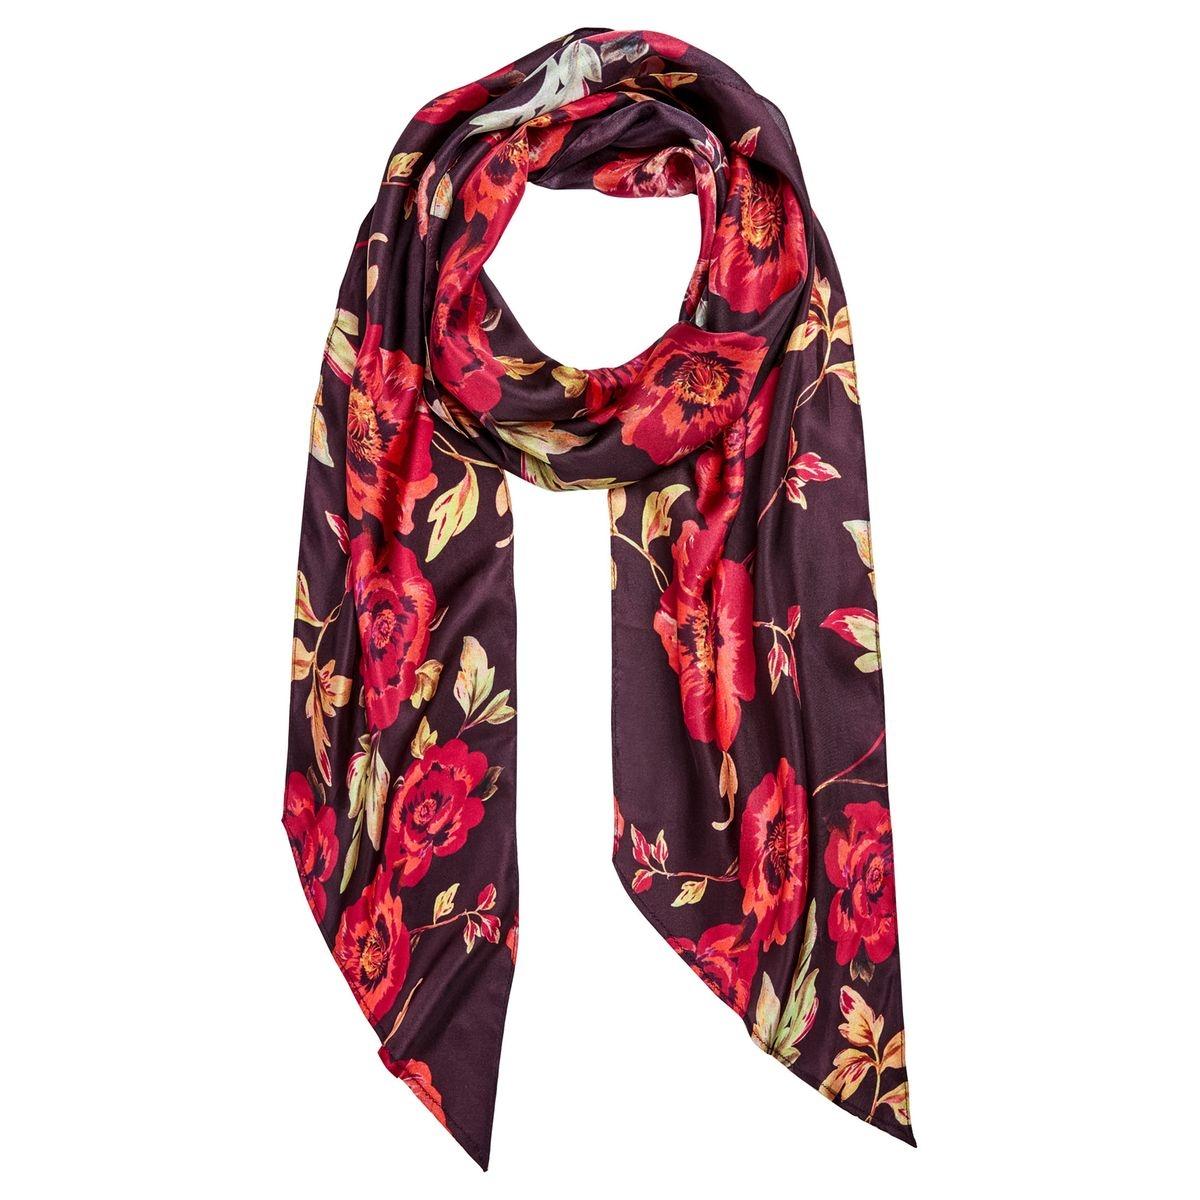 Foulard en soie à imprimé floral